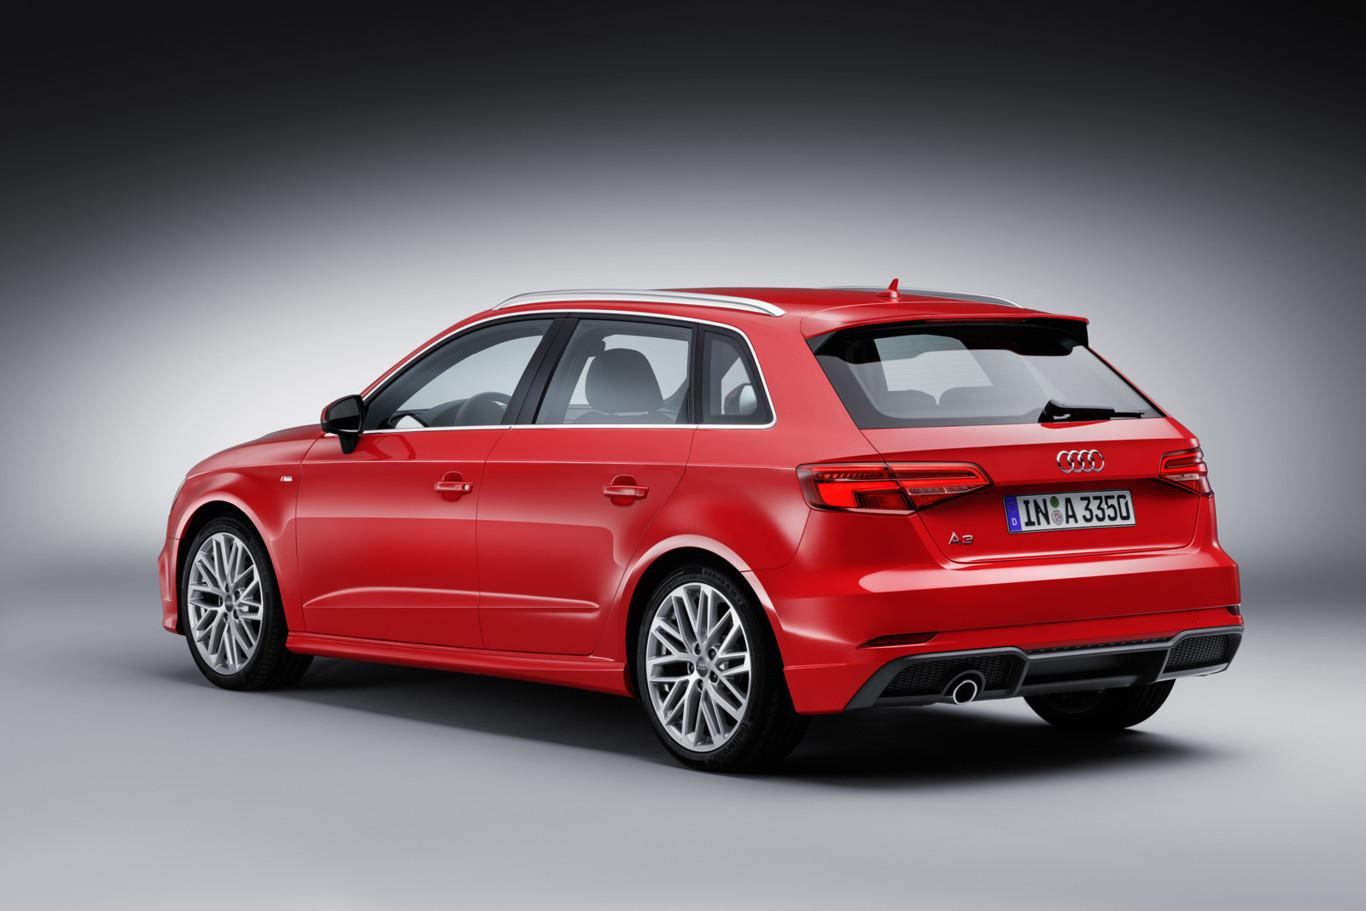 Audi lanzaría la cuarta generación del A3 en 2019: Con sistema eléctrico de 48 voltios y una posible variante Coupé